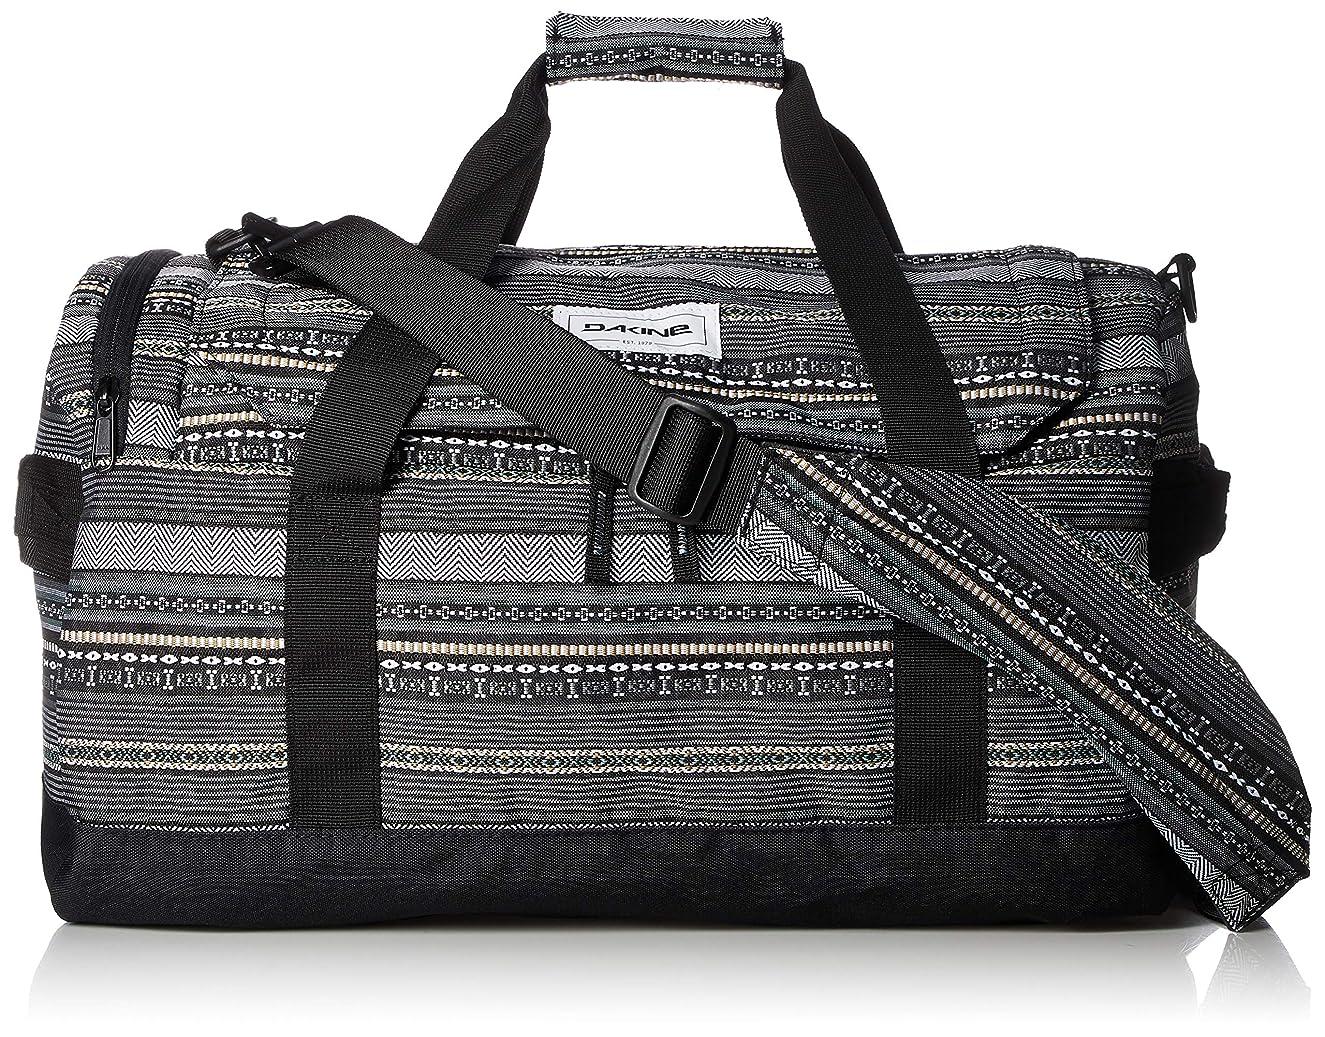 科学的矢統計[ダカイン] ボストンバッグ 35L (パッカブル) [ AI237-143 / EQ DUFFLE 35L ] 旅行 スポーツ バッグ